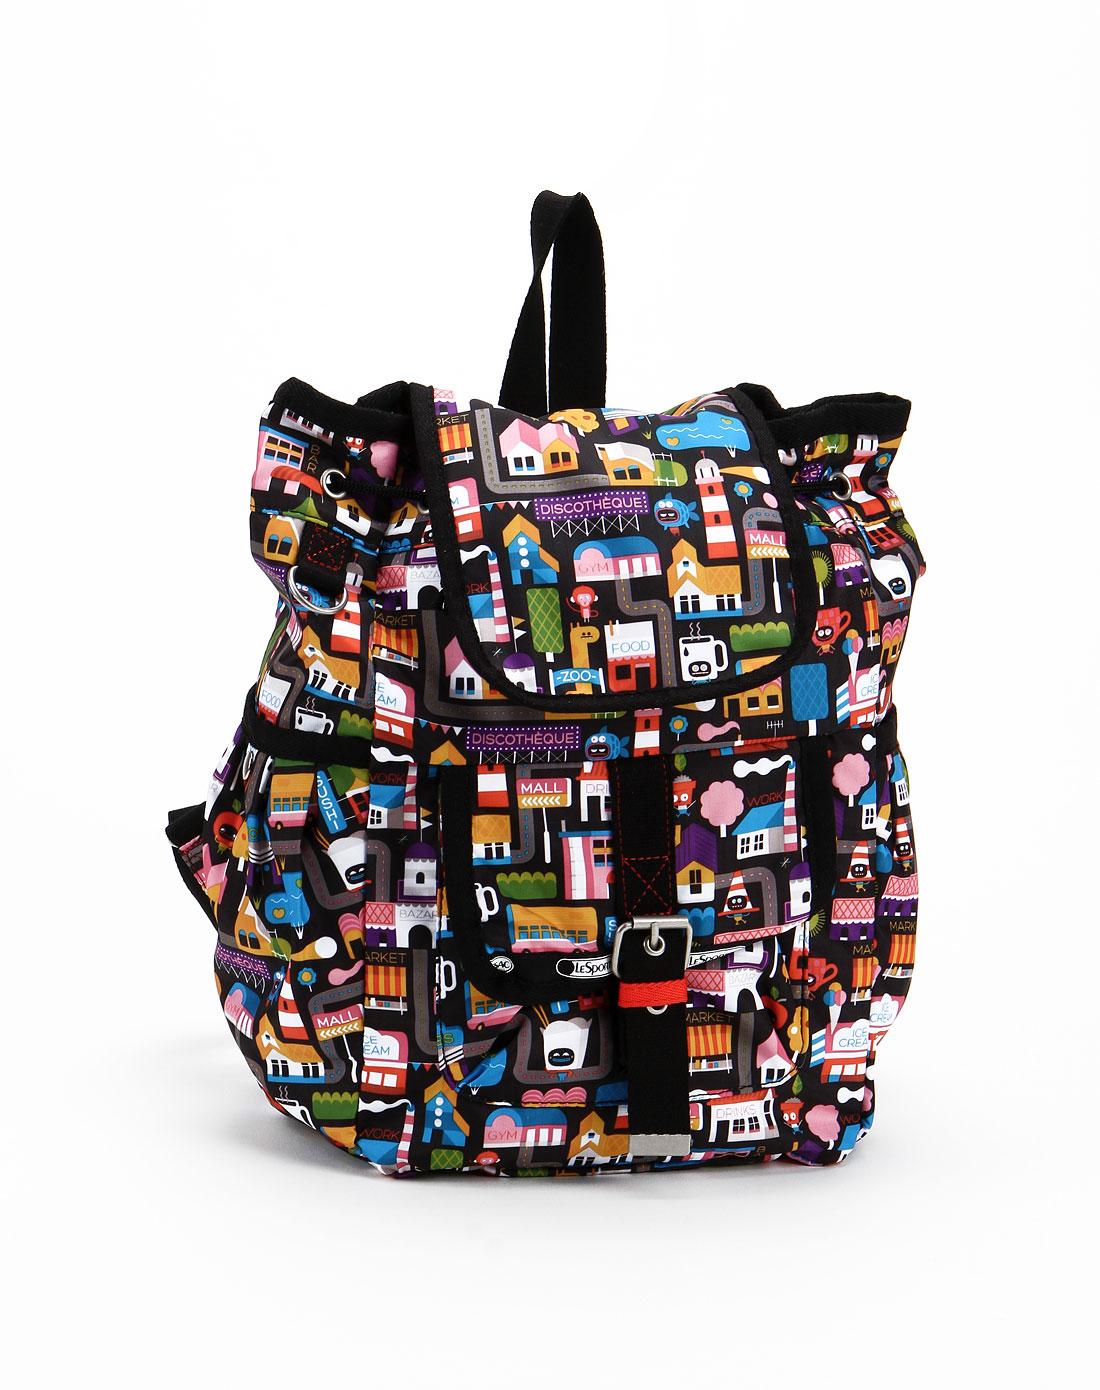 黑色可爱图案背包